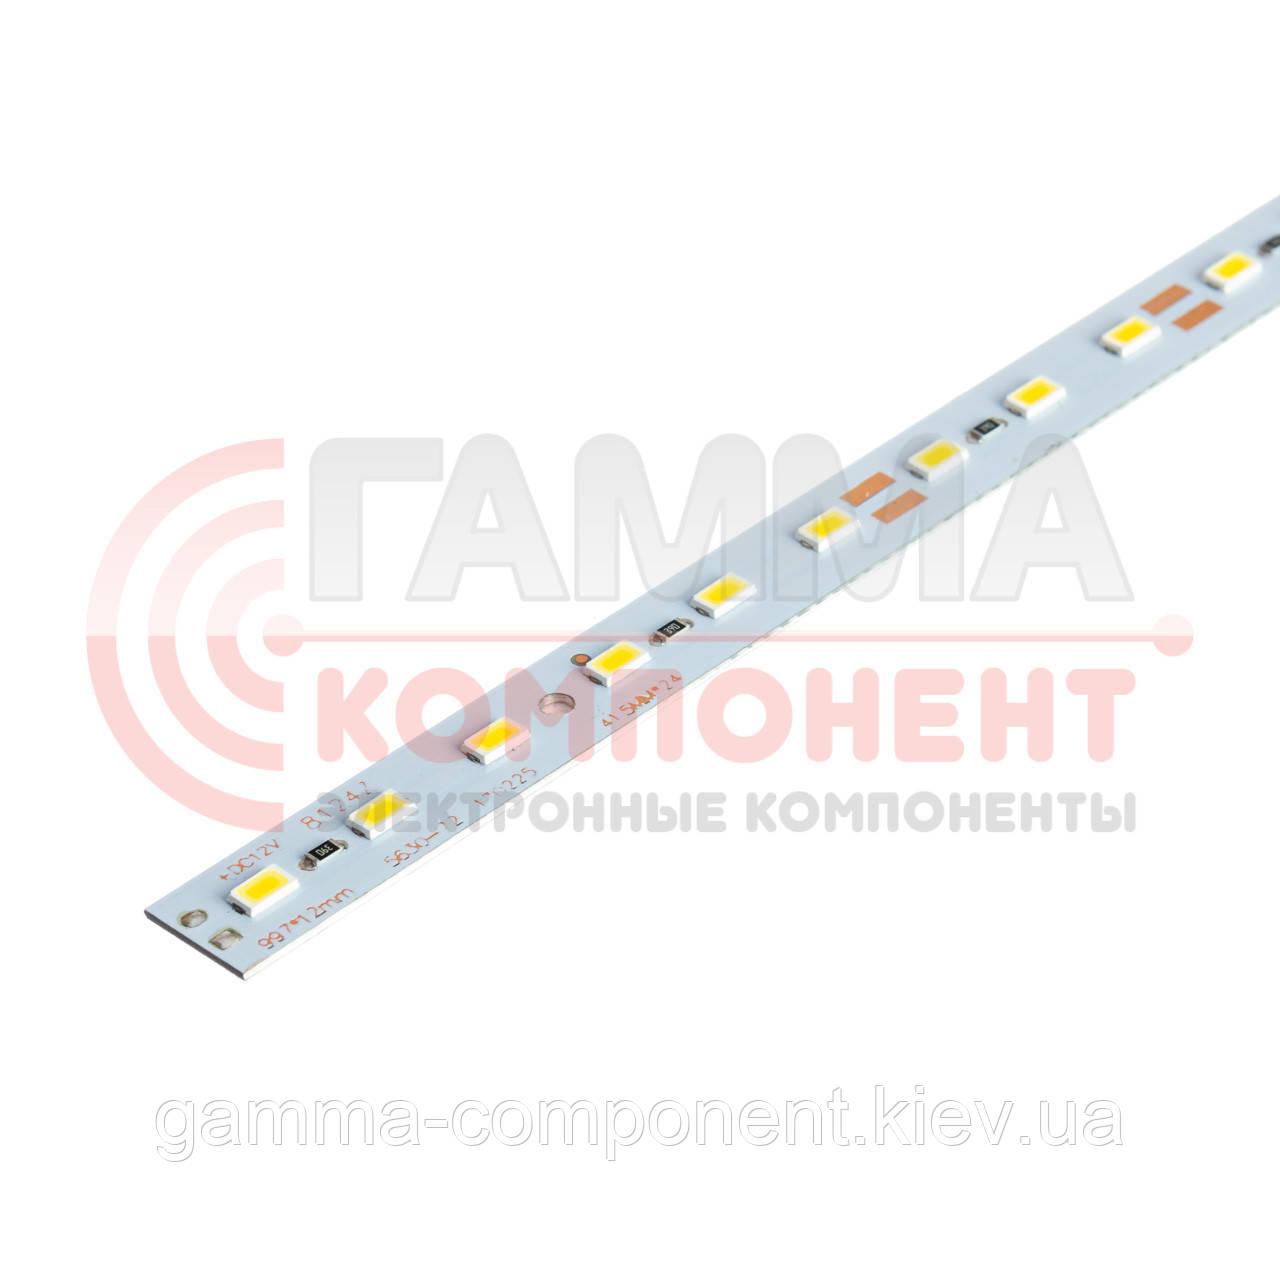 Светодиодная линейка SMD5630 18Вт, 100cм, 12V, холодный белый, крепление скотч, IP20